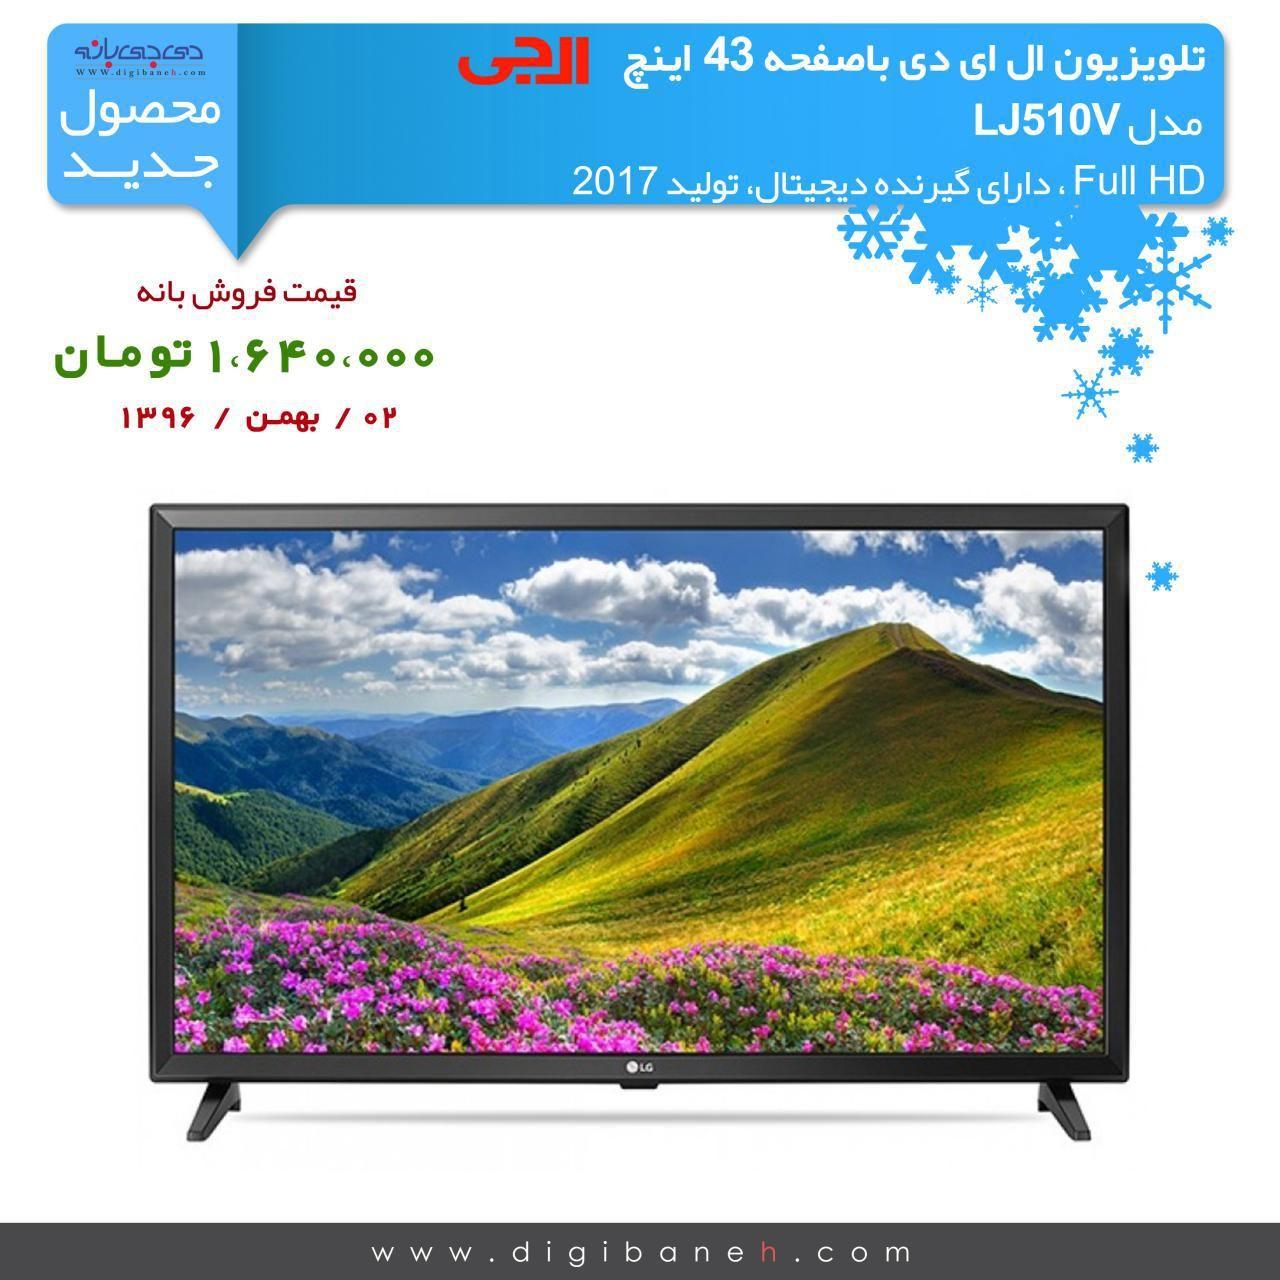 قیمت و خرید تلویزیون ال جی Lj510v ال جی 43lj510v